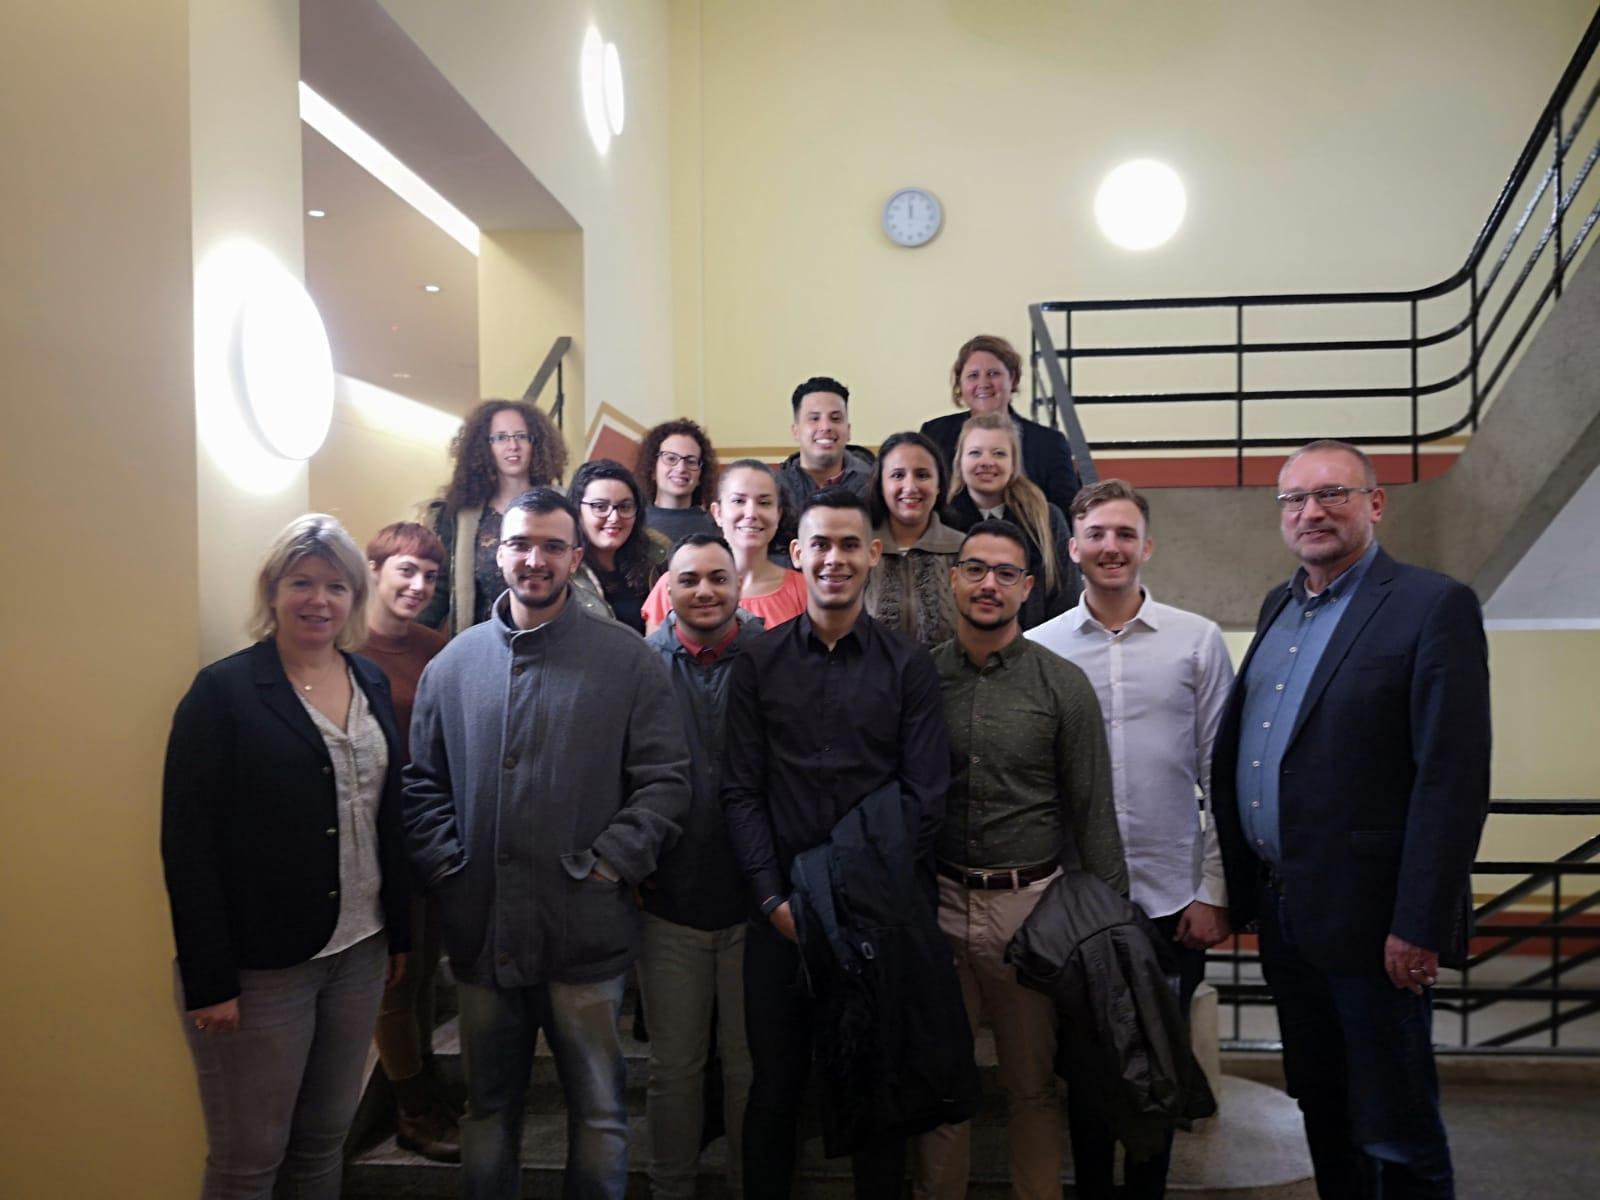 Begrüßung in der Partnerschule Staatliche Gewerbeschule für Gastronomie und Ernährung (BS03)